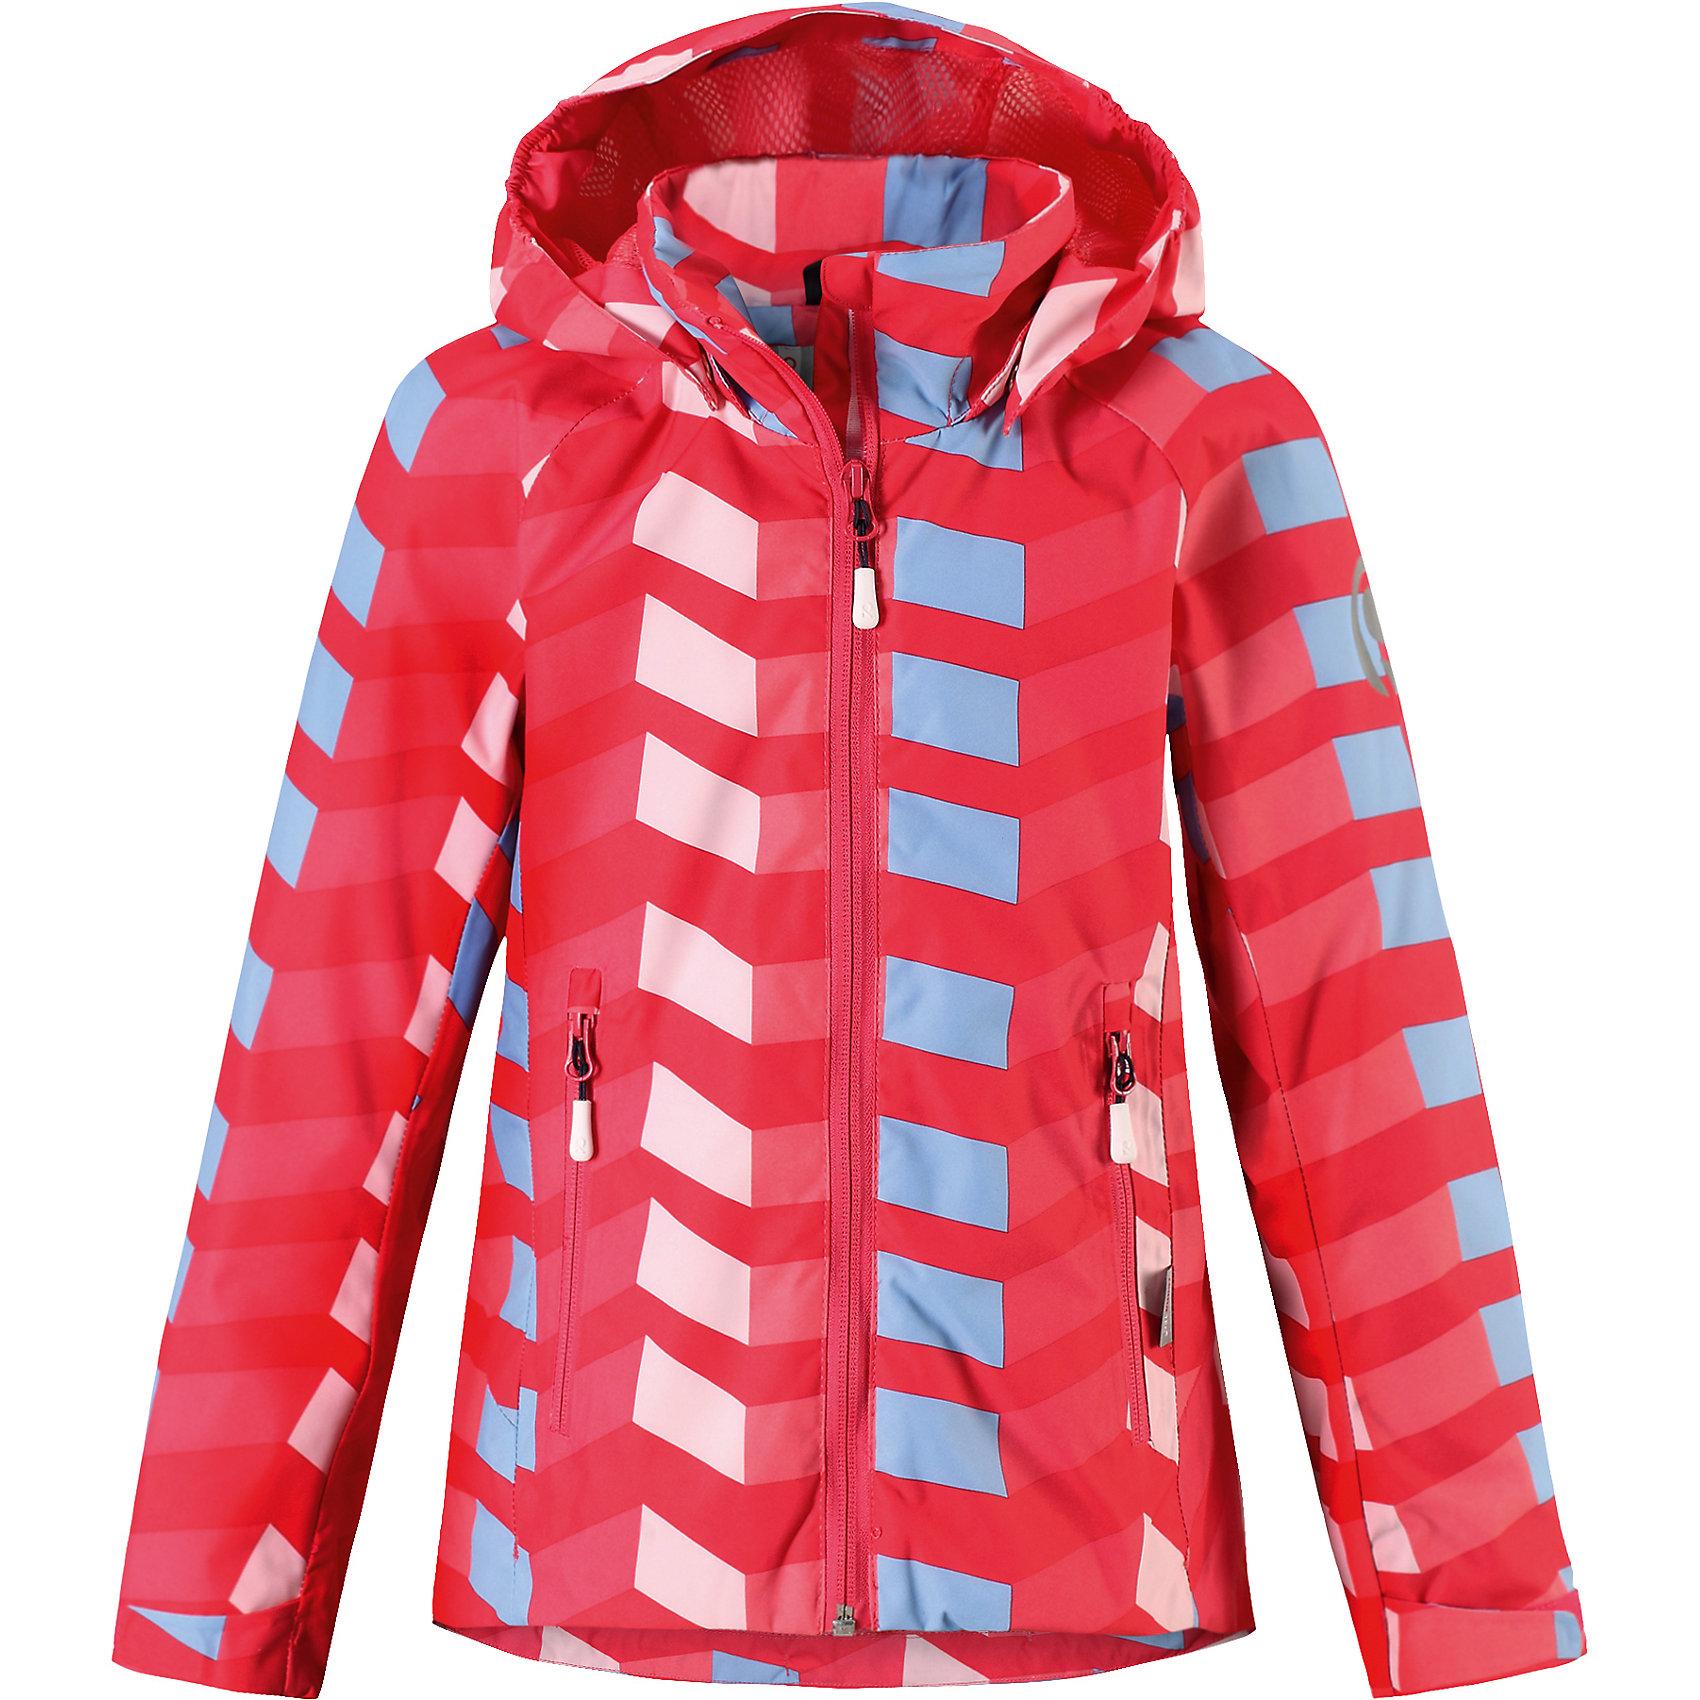 Куртка Suvi для девочки Reimatec® ReimaХарактеристики товара:<br><br>• цвет: розовый<br>• состав: 100% полиэстер, полиуретановое покрытие<br>• температурный режим: от +10°до +20°С<br>• водонепроницаемость: 15000 мм<br>• воздухопроницаемость: 5000 мм<br>• износостойкость: 40000 (тест Мартиндейла)<br>• без утеплителя<br>• подкладка: mesh-сетка<br>• швы проклеены и водонепроницаемы<br>• водо- и ветронепроницаемый «дышащий» материал<br>• регулируемый подол<br>• регулируемые манжеты<br>• безопасный съёмный и регулируемый капюшон<br>• усовершенствованная молния - больше не застрянет!<br>• контрастные цветные застежки-молнии<br>• карманы на молнии<br>• комфортная посадка<br>• страна производства: Китай<br>• страна бренда: Финляндия<br>• коллекция: весна-лето 2017<br><br>Верхняя одежда для детей может быть модной и комфортной одновременно! Демисезонная куртка поможет обеспечить ребенку комфорт и тепло. Она отлично смотрится с различной одеждой и обувью. Изделие удобно сидит и модно выглядит. Материал - прочный, хорошо подходящий для межсезонья. Стильный дизайн разрабатывался специально для детей.<br><br>Одежда и обувь от финского бренда Reima пользуется популярностью во многих странах. Эти изделия стильные, качественные и удобные. Для производства продукции используются только безопасные, проверенные материалы и фурнитура. Порадуйте ребенка модными и красивыми вещами от Reima! <br><br>Куртку для девочки Reimatec® от финского бренда Reima (Рейма) можно купить в нашем интернет-магазине.<br><br>Ширина мм: 356<br>Глубина мм: 10<br>Высота мм: 245<br>Вес г: 519<br>Цвет: розовый<br>Возраст от месяцев: 156<br>Возраст до месяцев: 168<br>Пол: Женский<br>Возраст: Детский<br>Размер: 164,104,122,158,146,140,152,134,110,116,128<br>SKU: 5267688